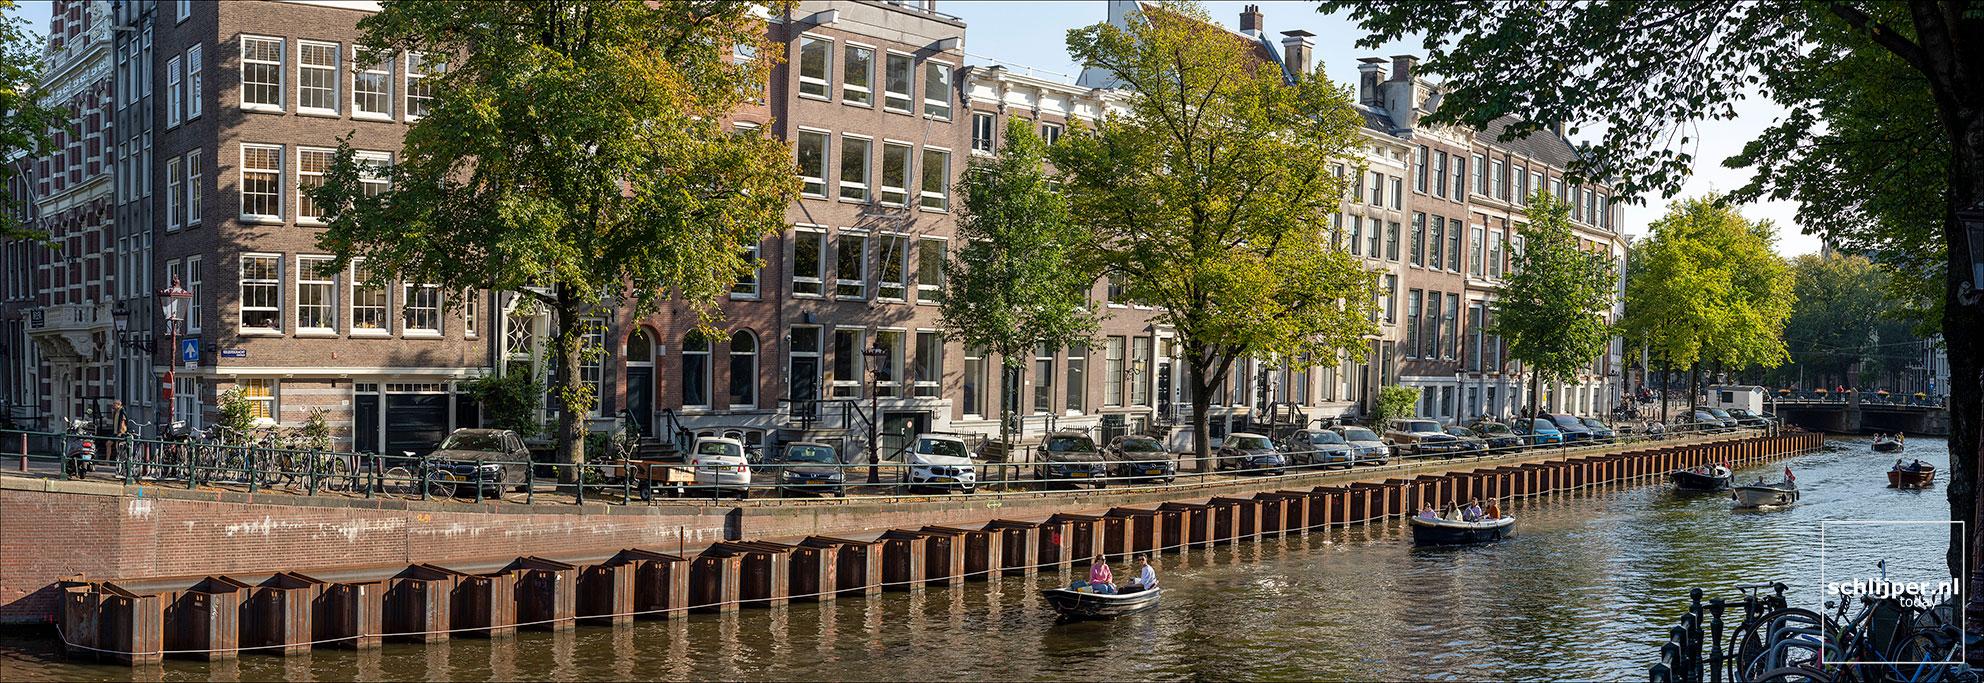 Nederland, Amsterdam, 19 september 2020